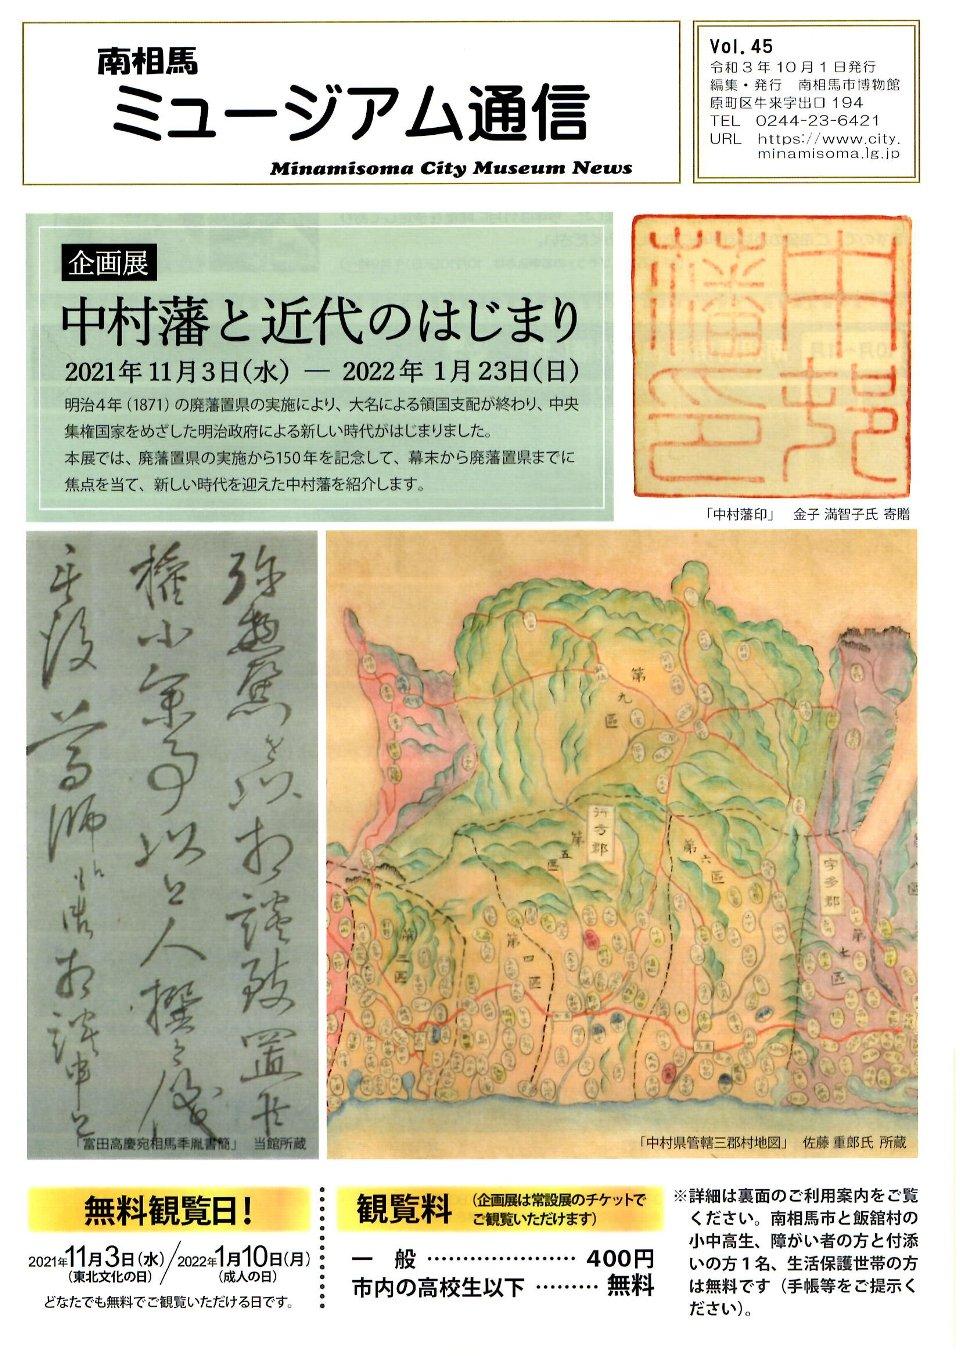 企画展「生村藩と近代のはじまり - 南相馬市博物館」